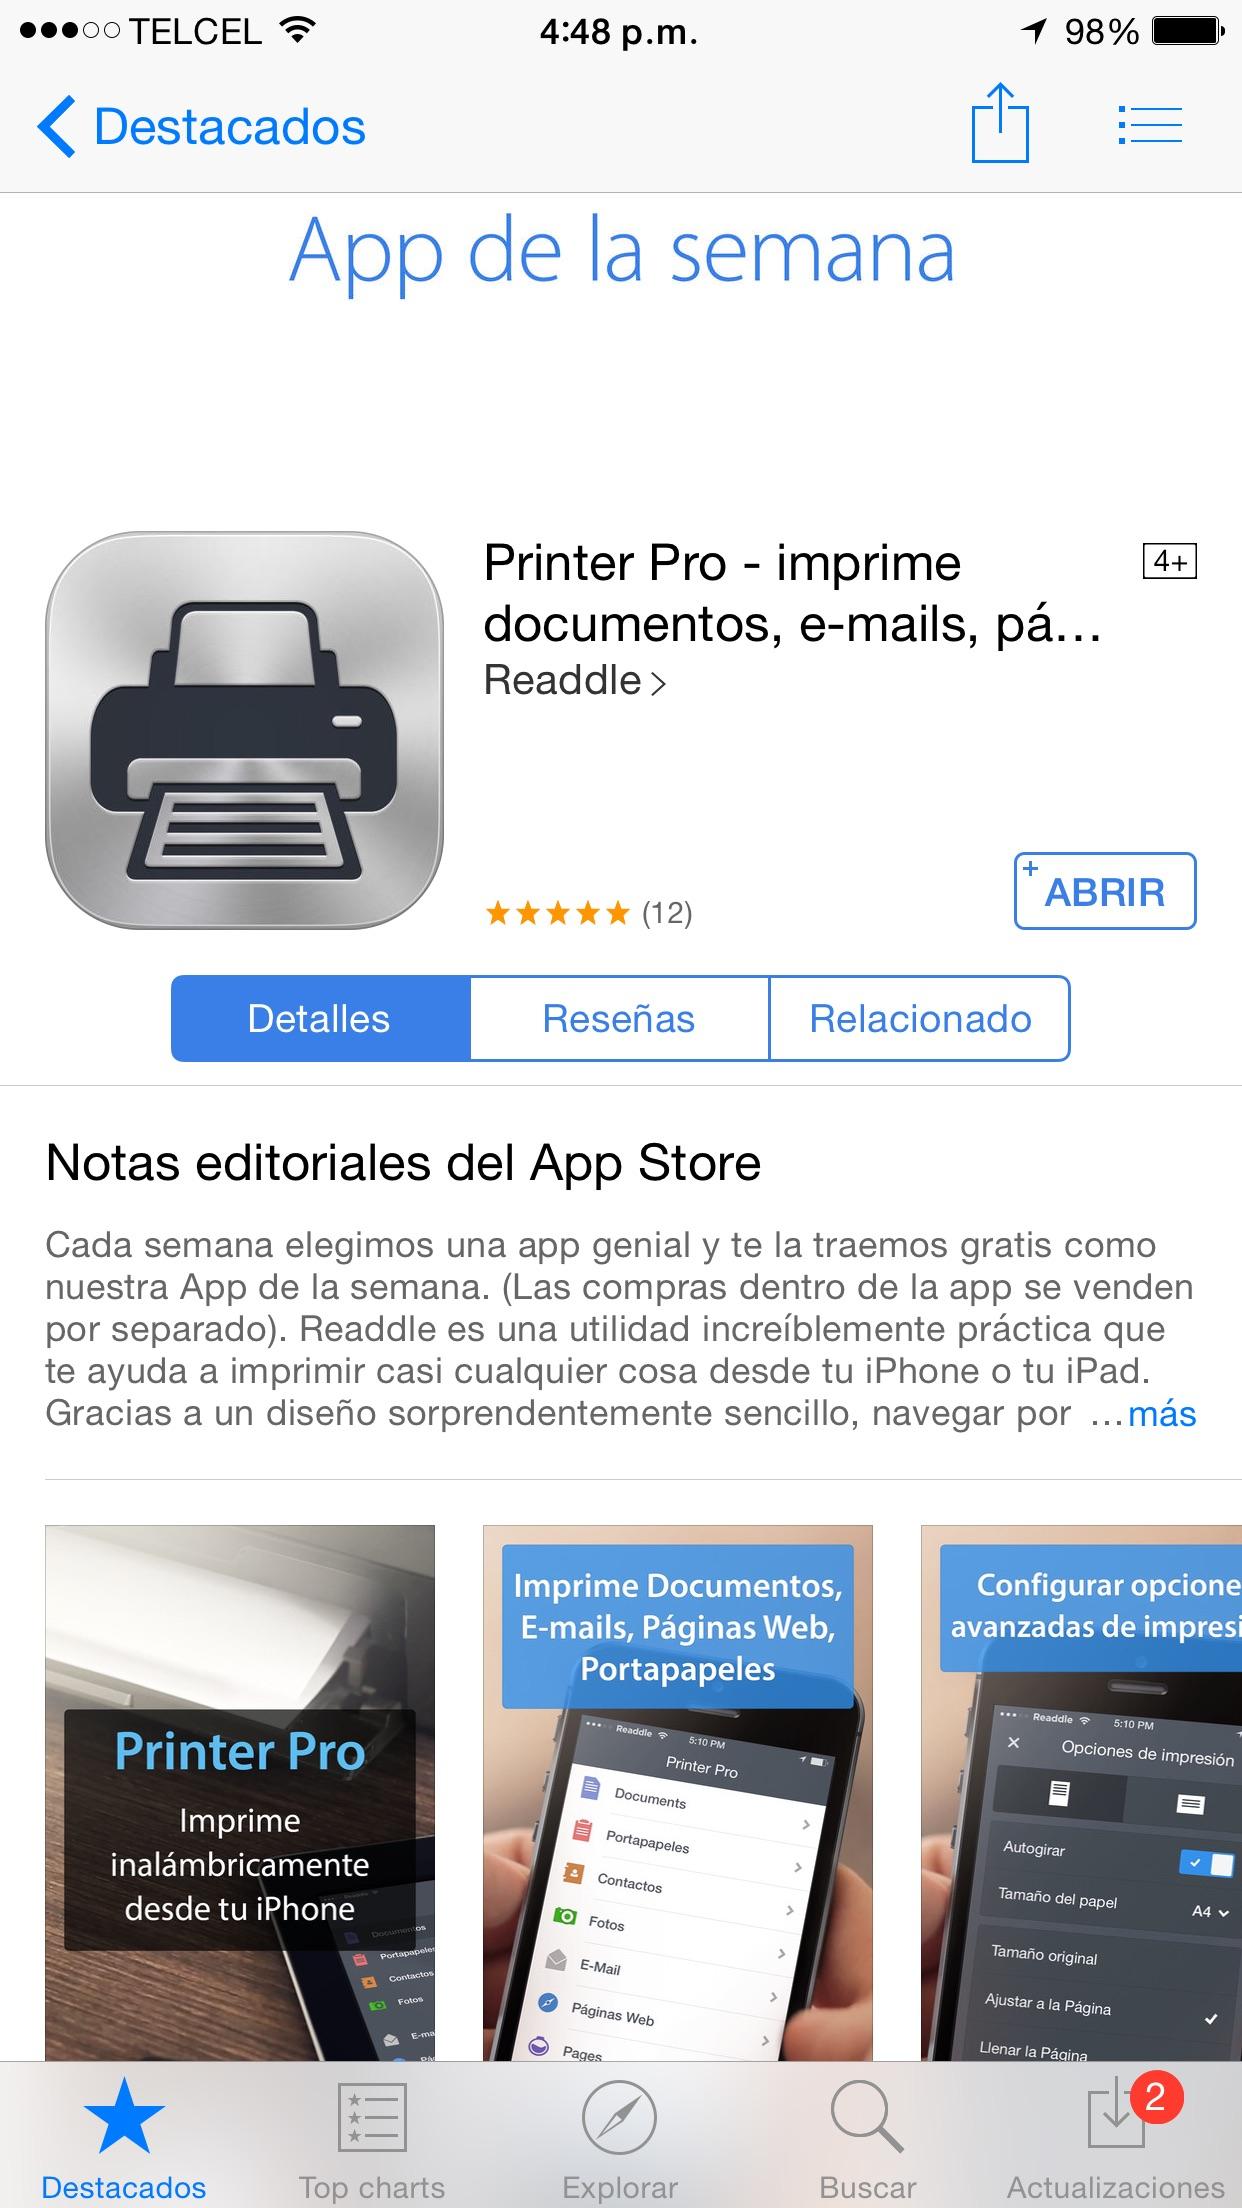 iTunes: Printer Pro gratis IOS